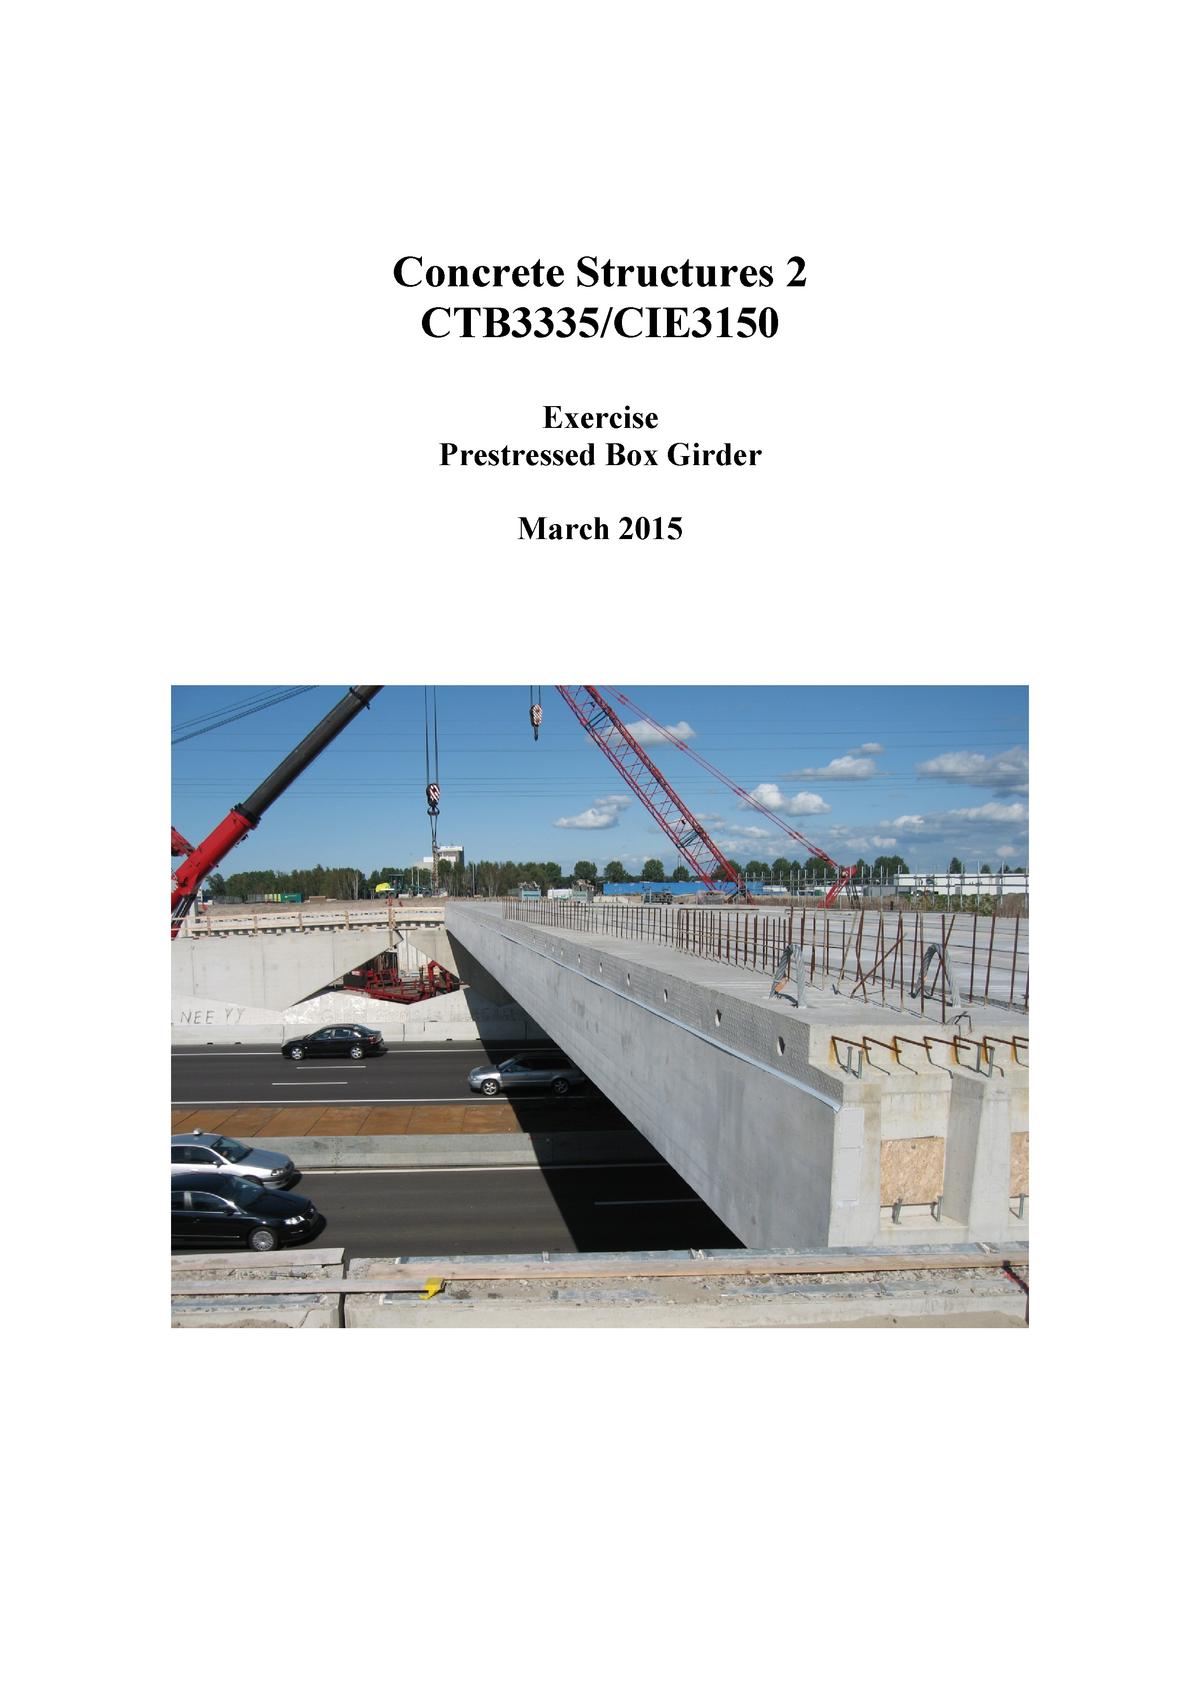 Exercise Beam v 01 - CIE4160: Prestressed Concrete - StuDocu